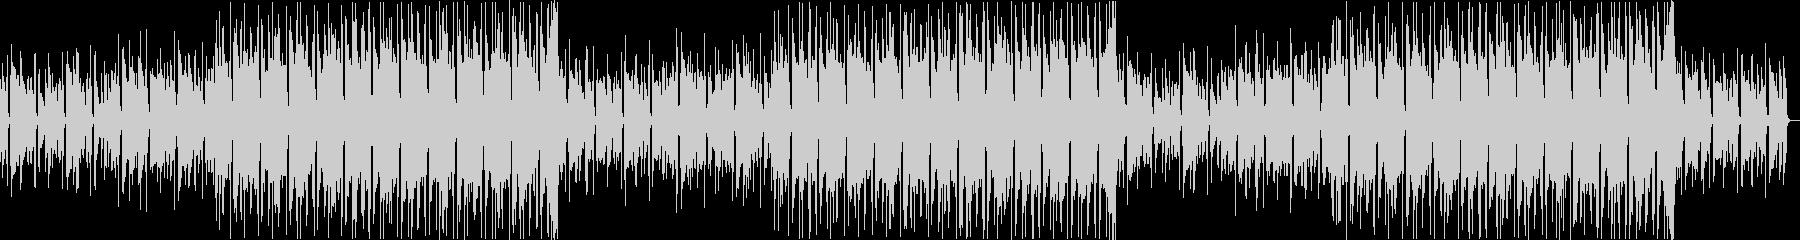 アコギヒップホップ感動洋楽コーポレートaの未再生の波形